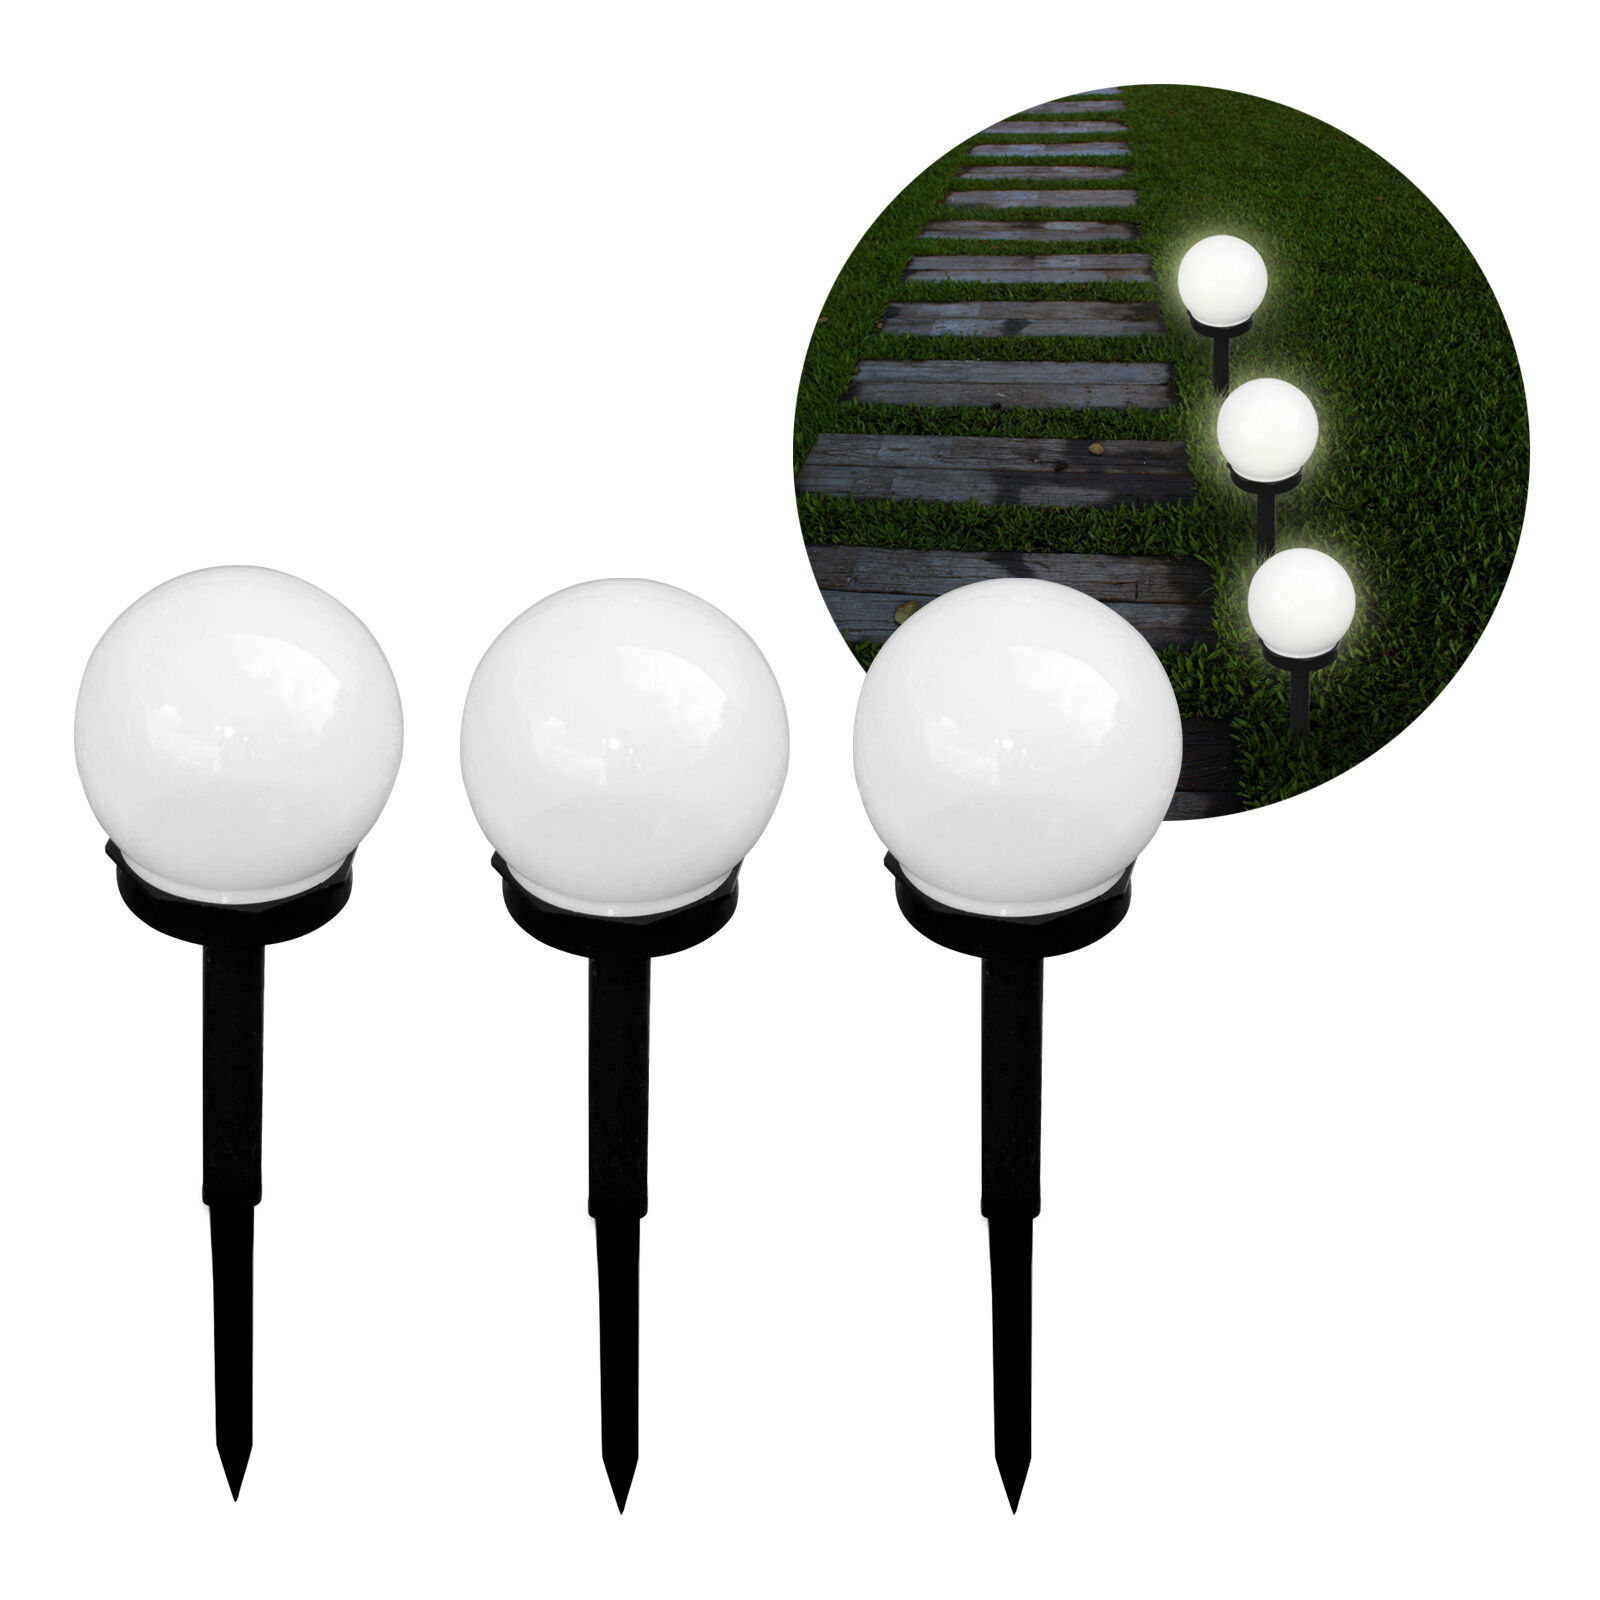 3er-set LED a luce solare lampada da giardino esterno SFERA ILLUMINAZIONE CREPUSCOLARE NOTTE